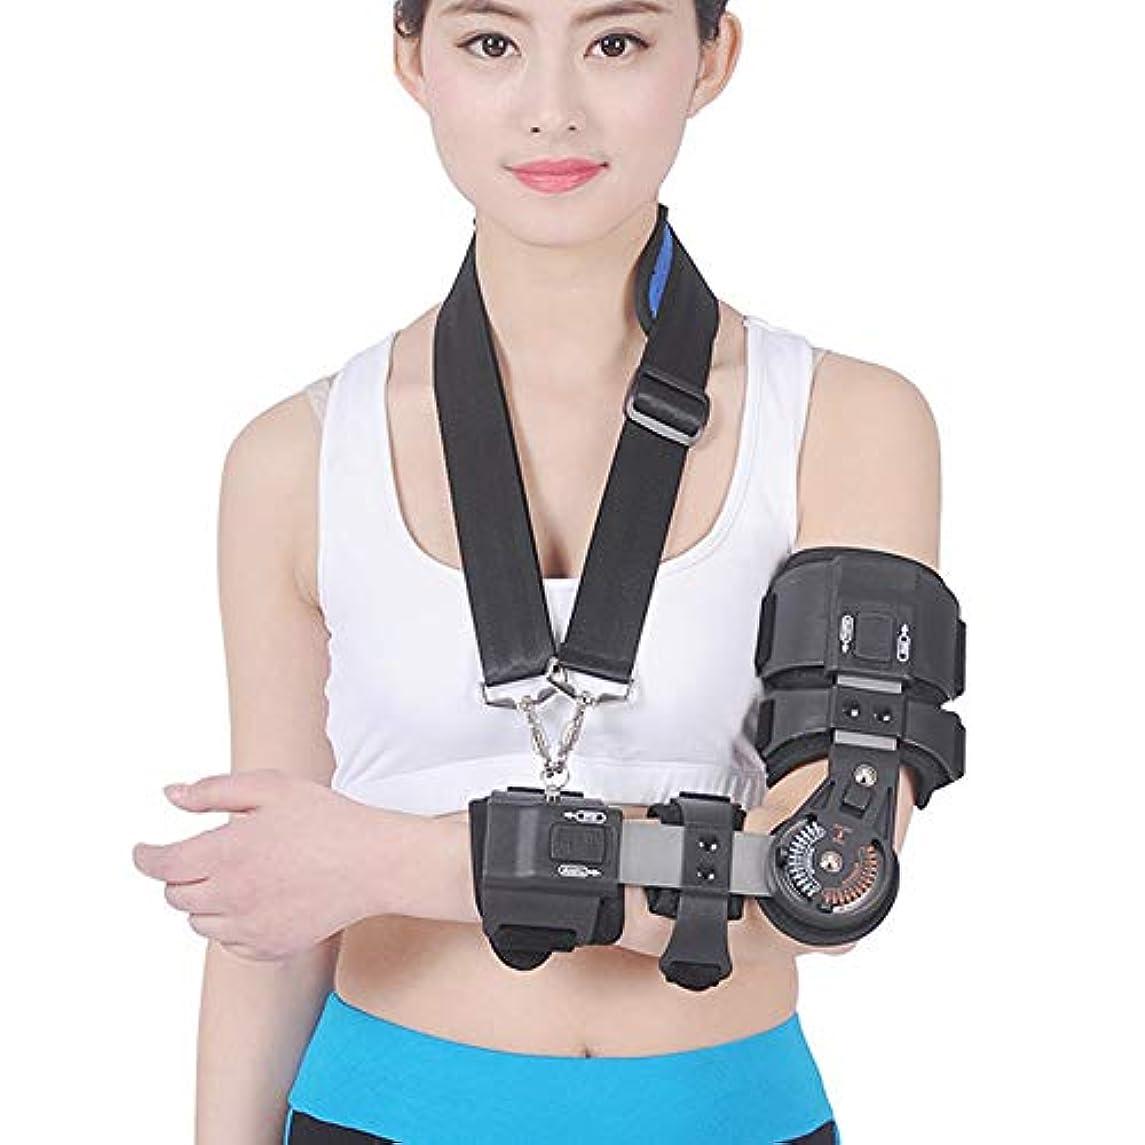 肘関節肘関節サポート - 肘関節固定具|尺骨神経圧迫、過伸展肘関節予防および術後腕固定具の痛みの副木治療,left